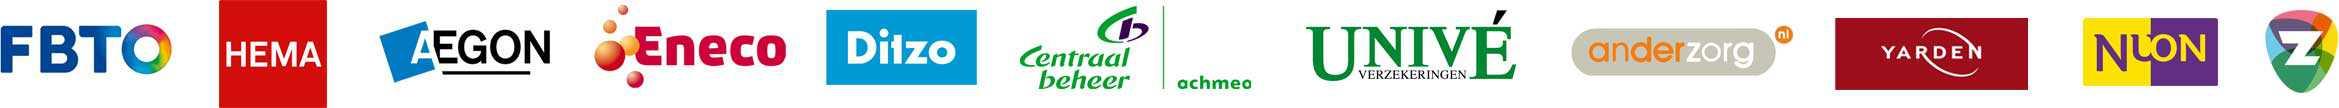 108 verzekeraars, energieleveranciers & telefoonproviders simpel vergelijken